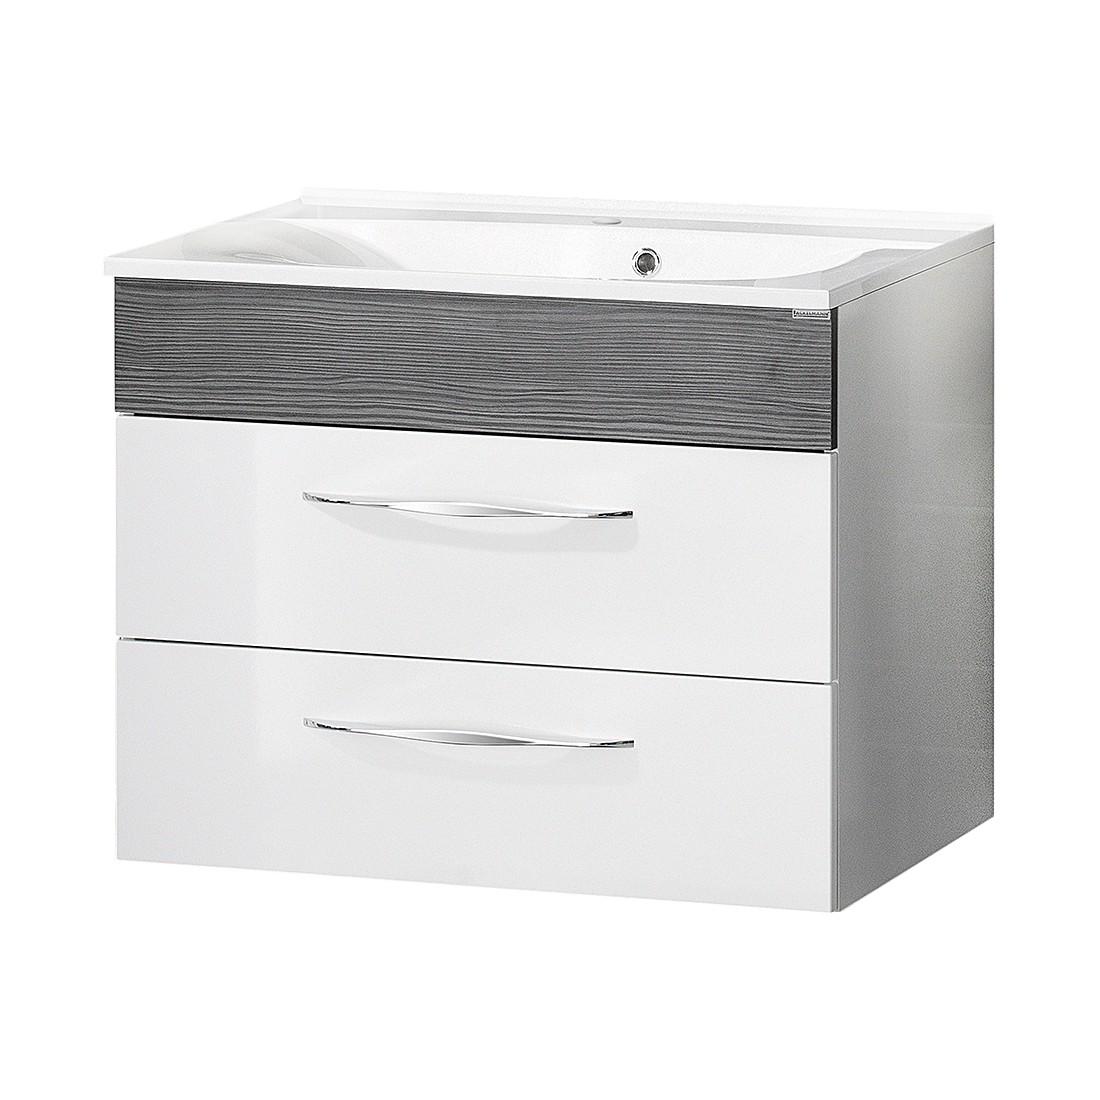 Waschtisch Sceno - Hochglanz Weiß/Pinie-Anthrazit Dekor - 80 cm, Fackelmann